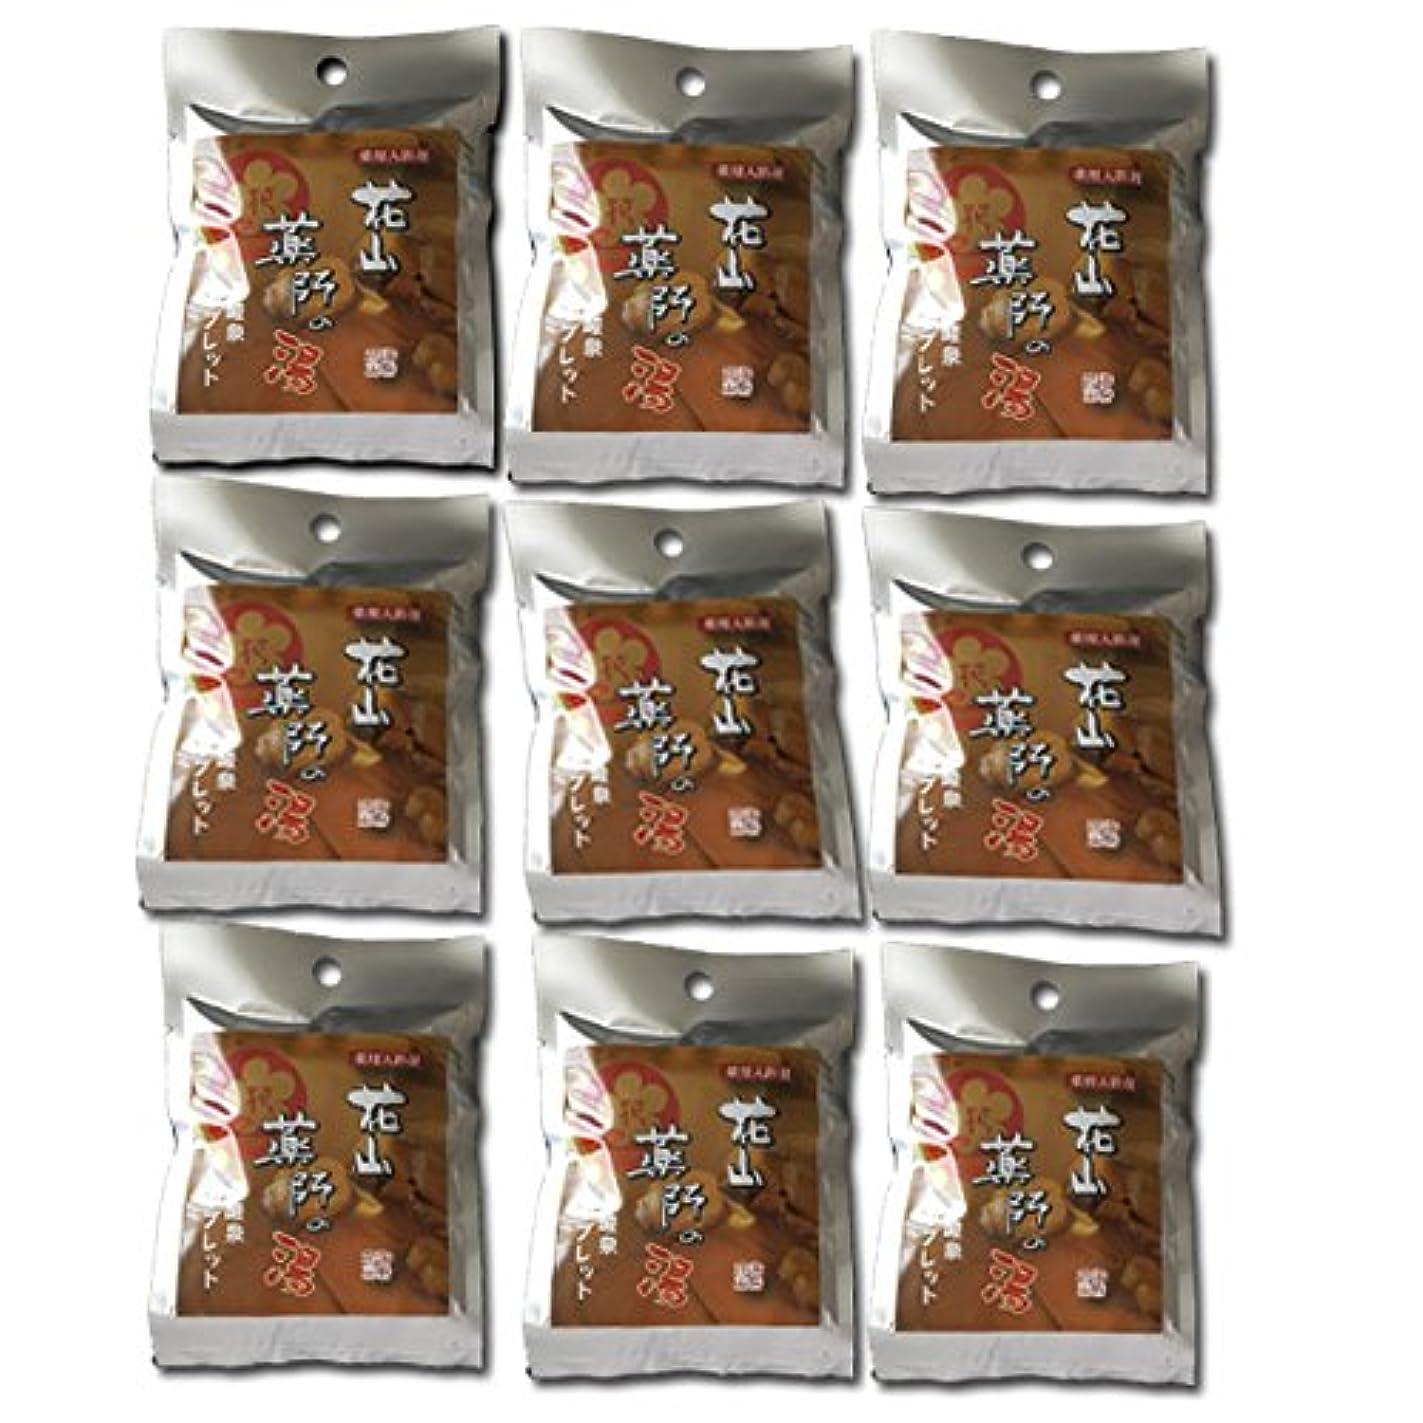 補償時計縮約入浴剤 炭酸泉 和歌山 花山温泉の温泉分析値を元に配合して作られたタブレット9個 薬用